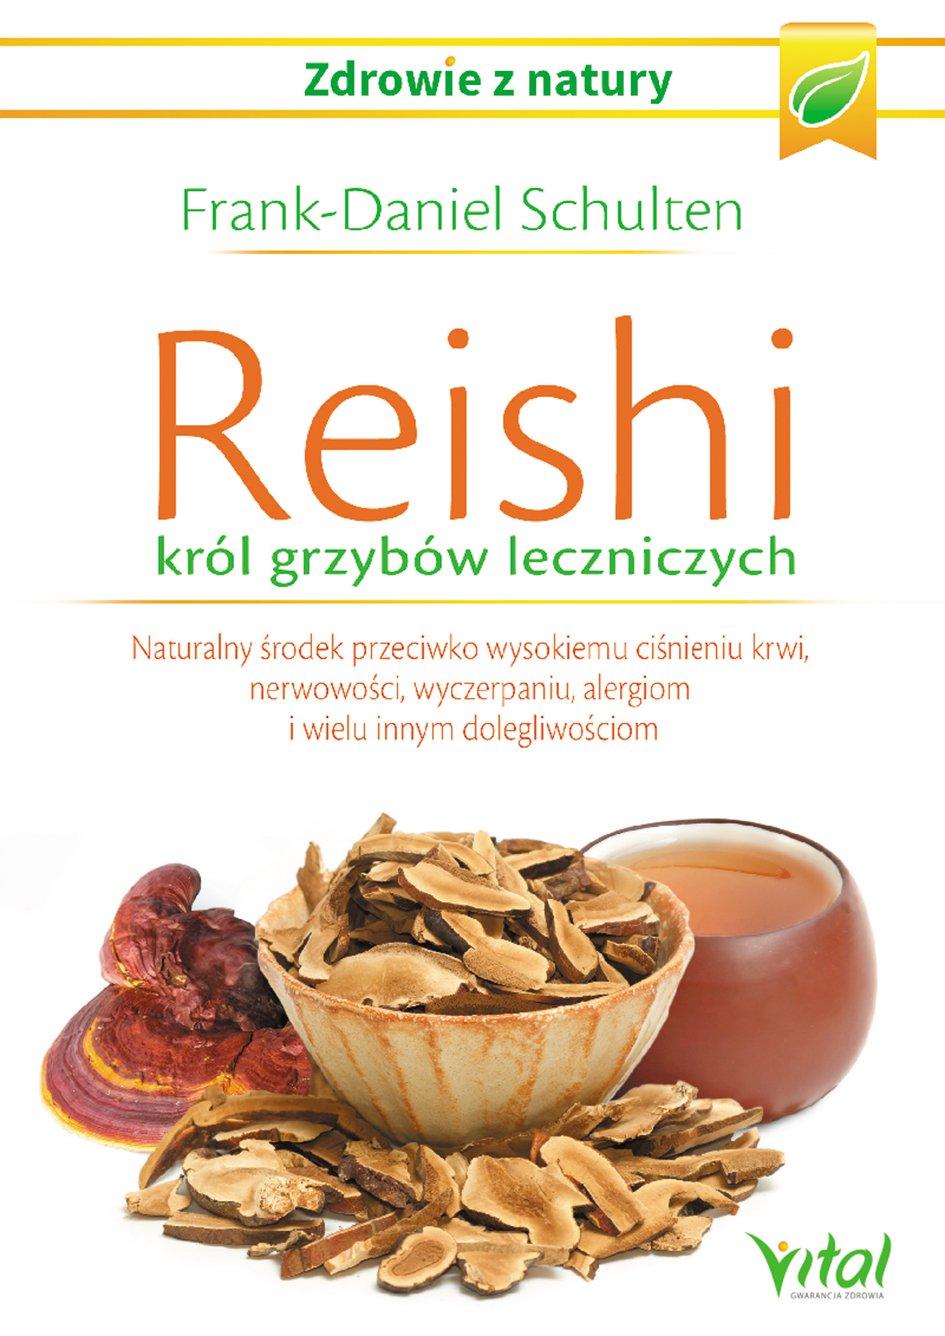 Reishi – król grzybów leczniczych. Naturalny środek przeciwko wysokiemu ciśnieniu krwi, nerwowości, wyczerpaniu, alergiom i wielu innym dolegliwościom - Ebook (Książka EPUB) do pobrania w formacie EPUB